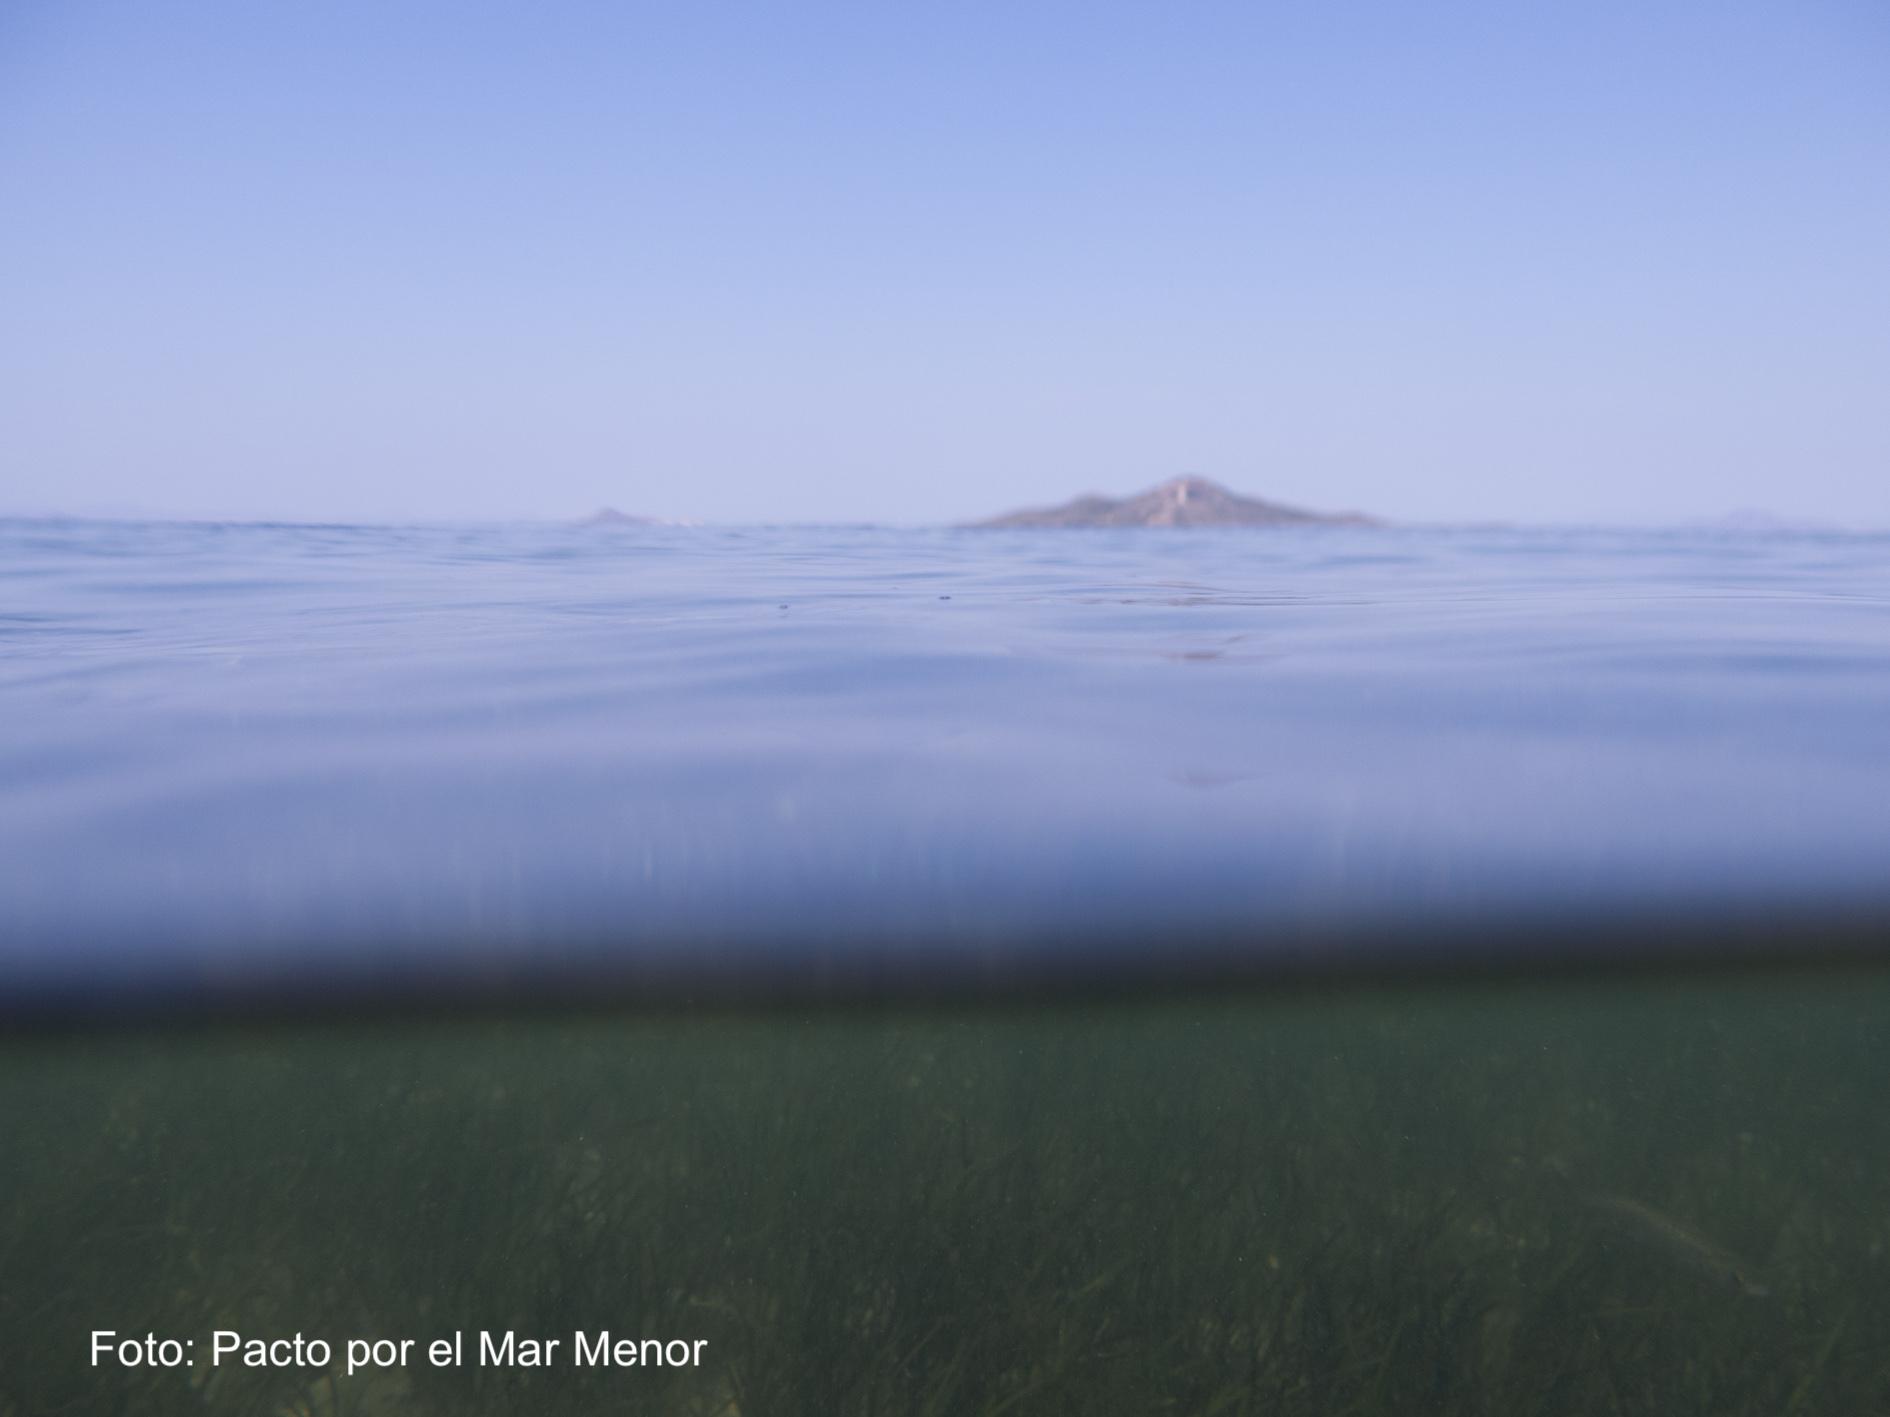 Pacto por el Mar Menor asegura que más transparencia no es igual a la recuperación de la laguna